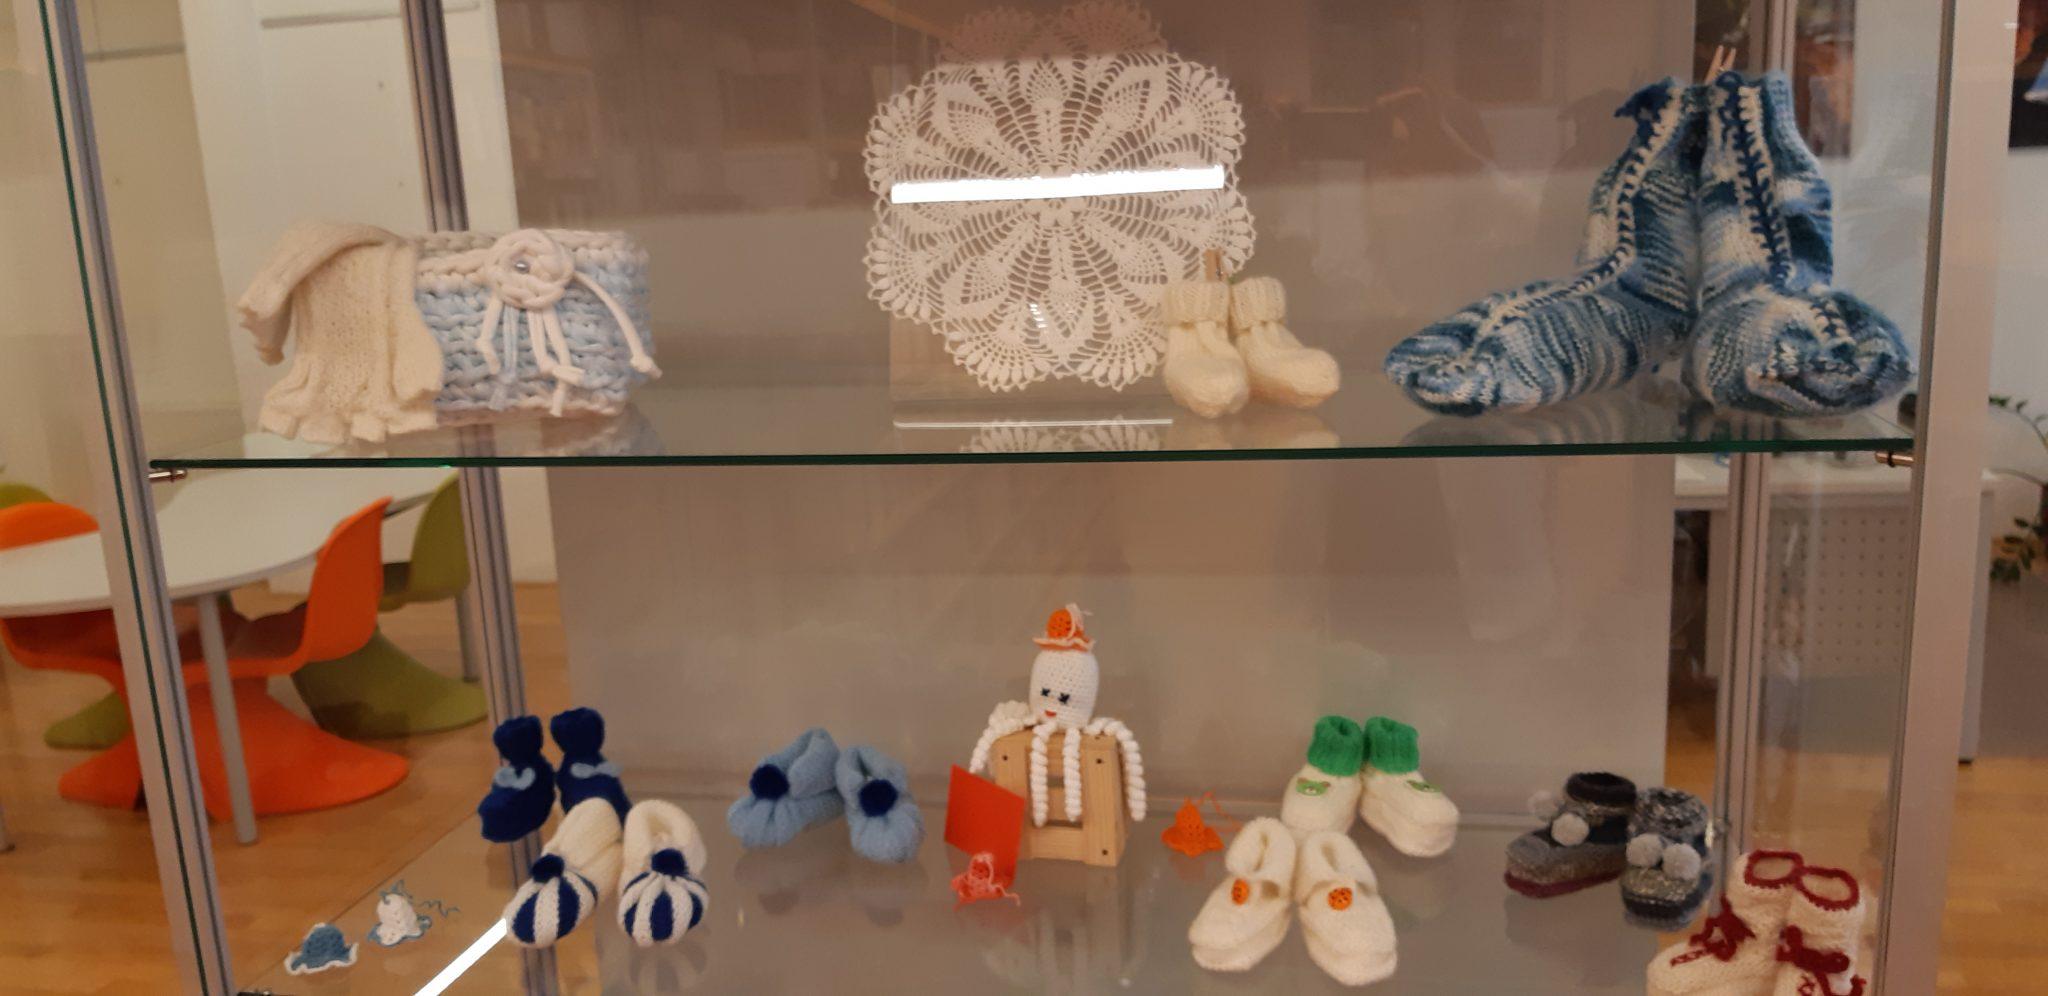 20181119 095737 - Marinka Ivančič - razstava kvačkanih in pletenih izdelkov